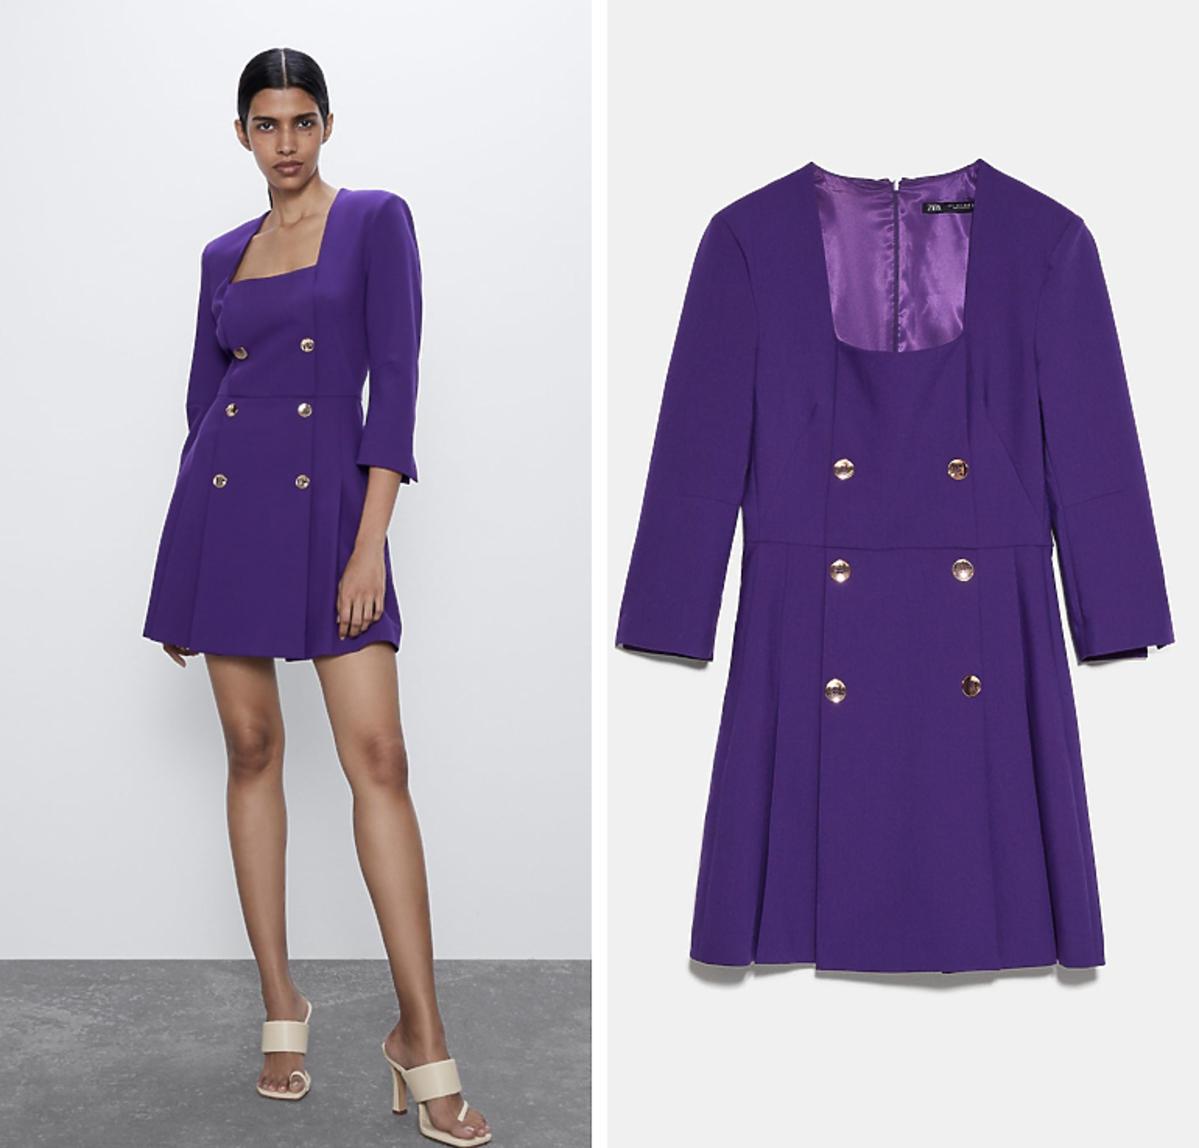 Fioletowa sukienka, Zara, 249 złotych